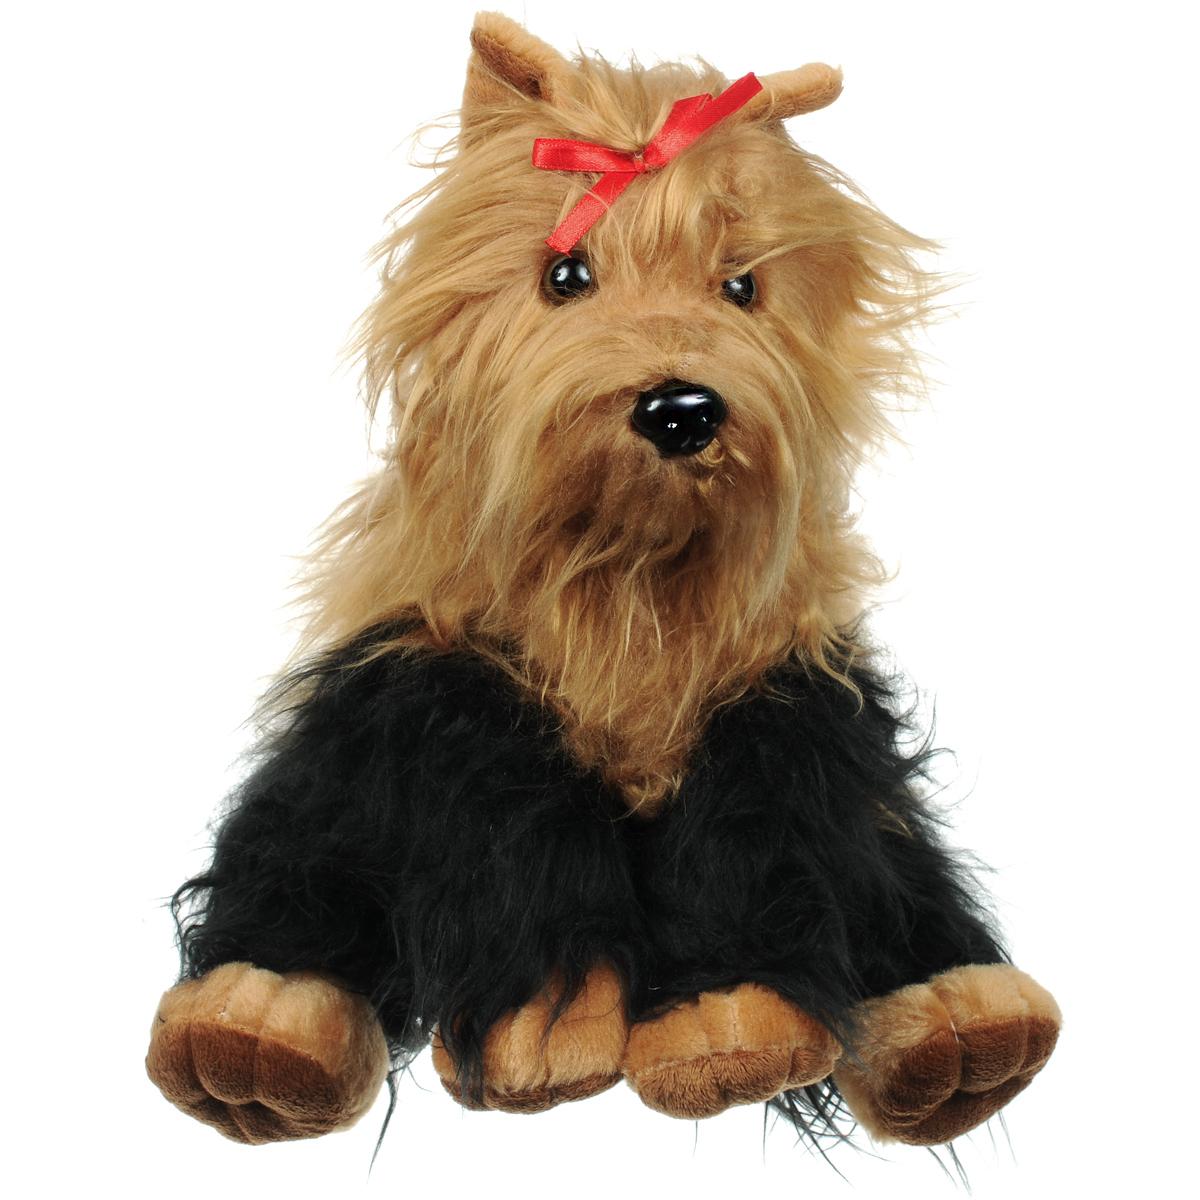 """Фото Мягкая игрушка Fluffy Family """"Йоркширский терьер"""", цвет: коричневый, черный. Купить  в РФ"""